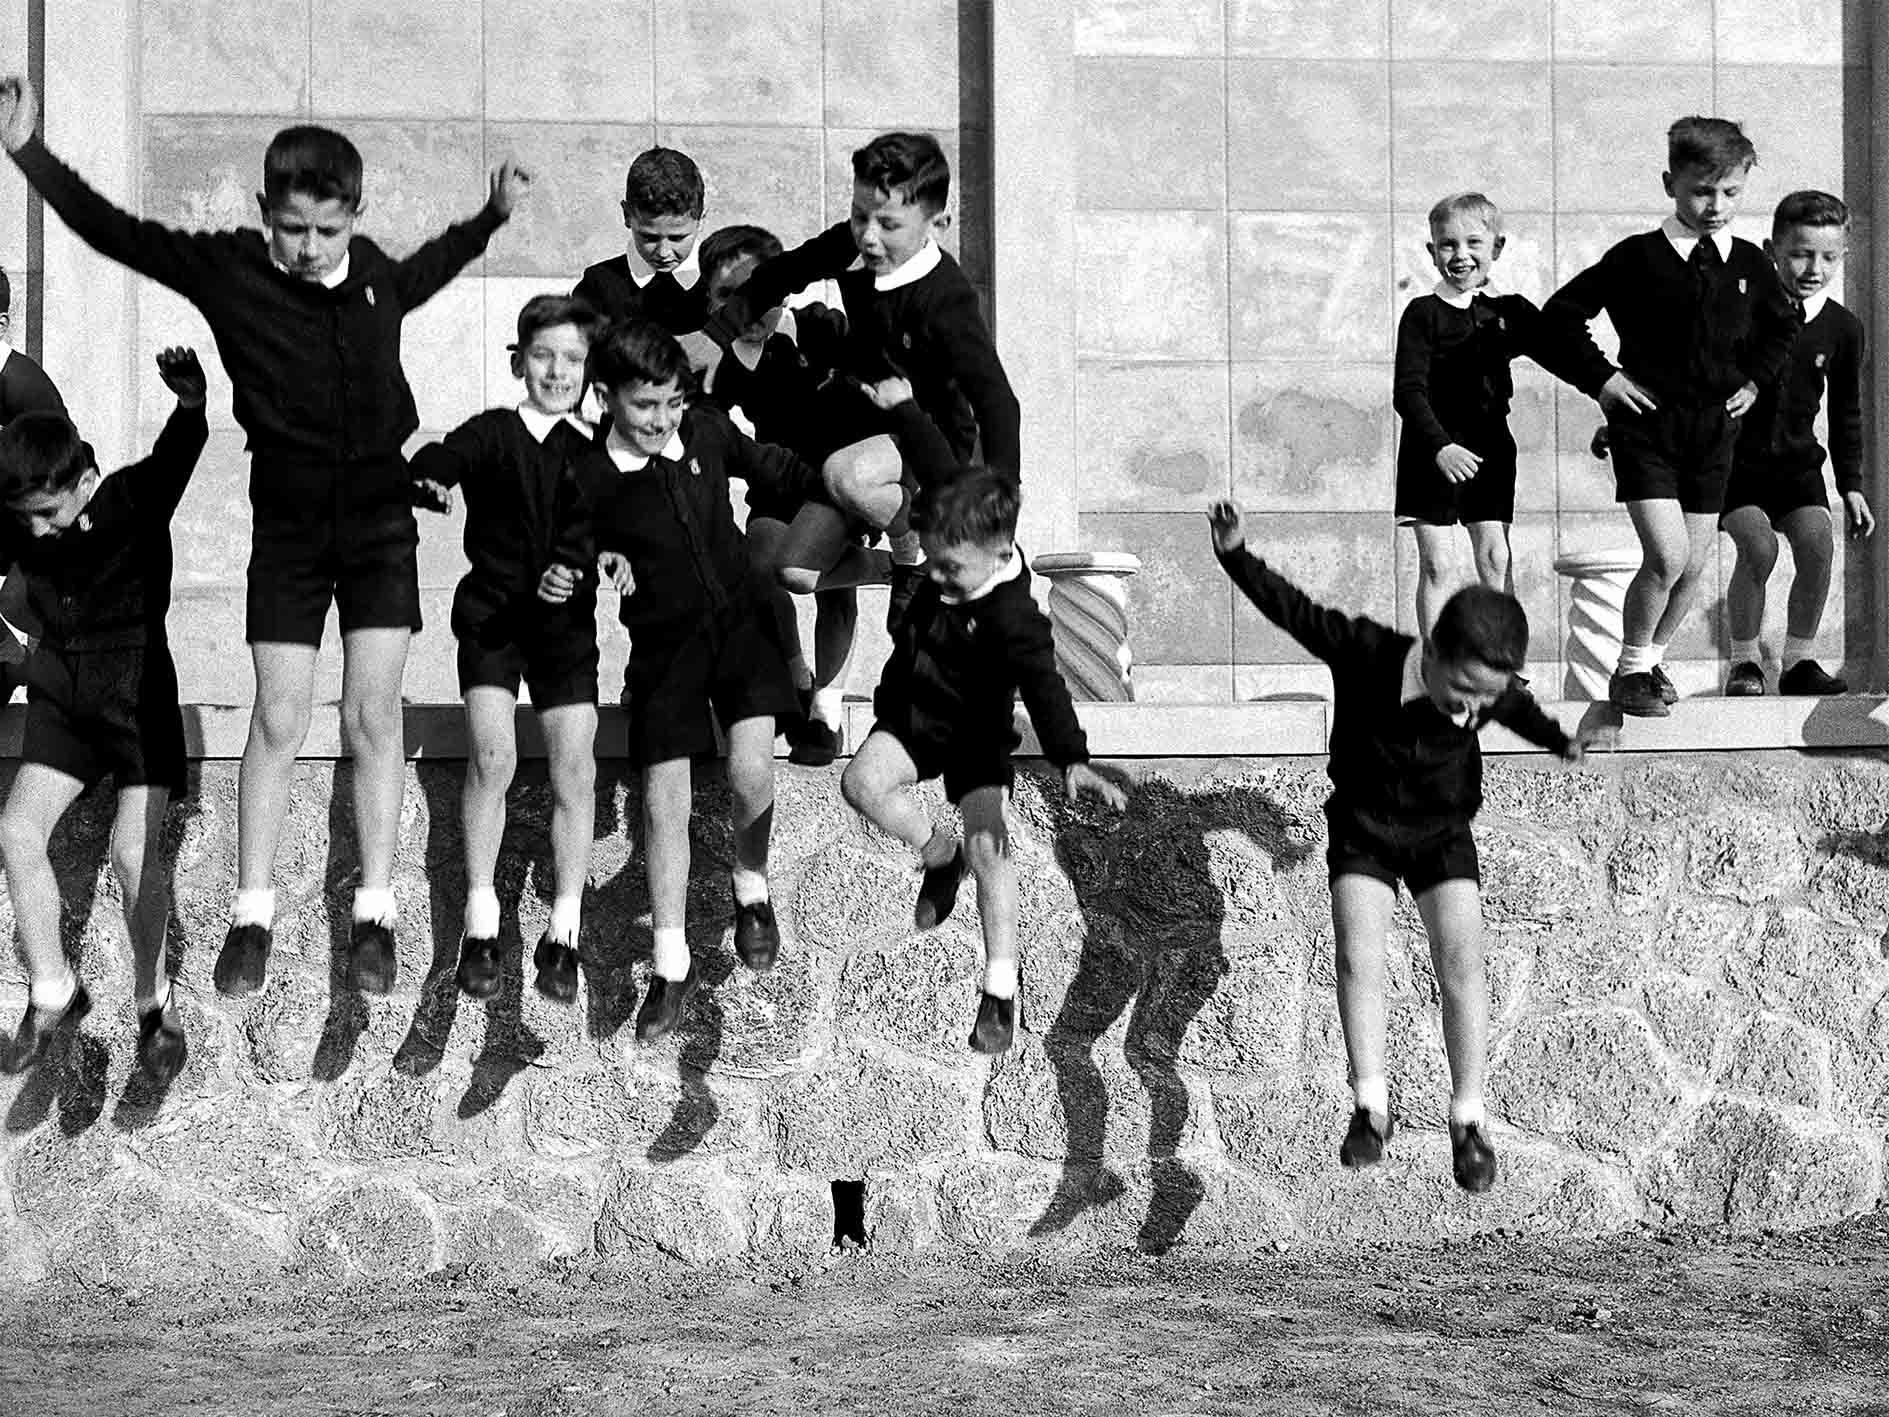 """Nino Migliori, série """"Gente dell'Emilia"""" (1957) © Fondazione Nino Migliori, Bologna, Italie"""